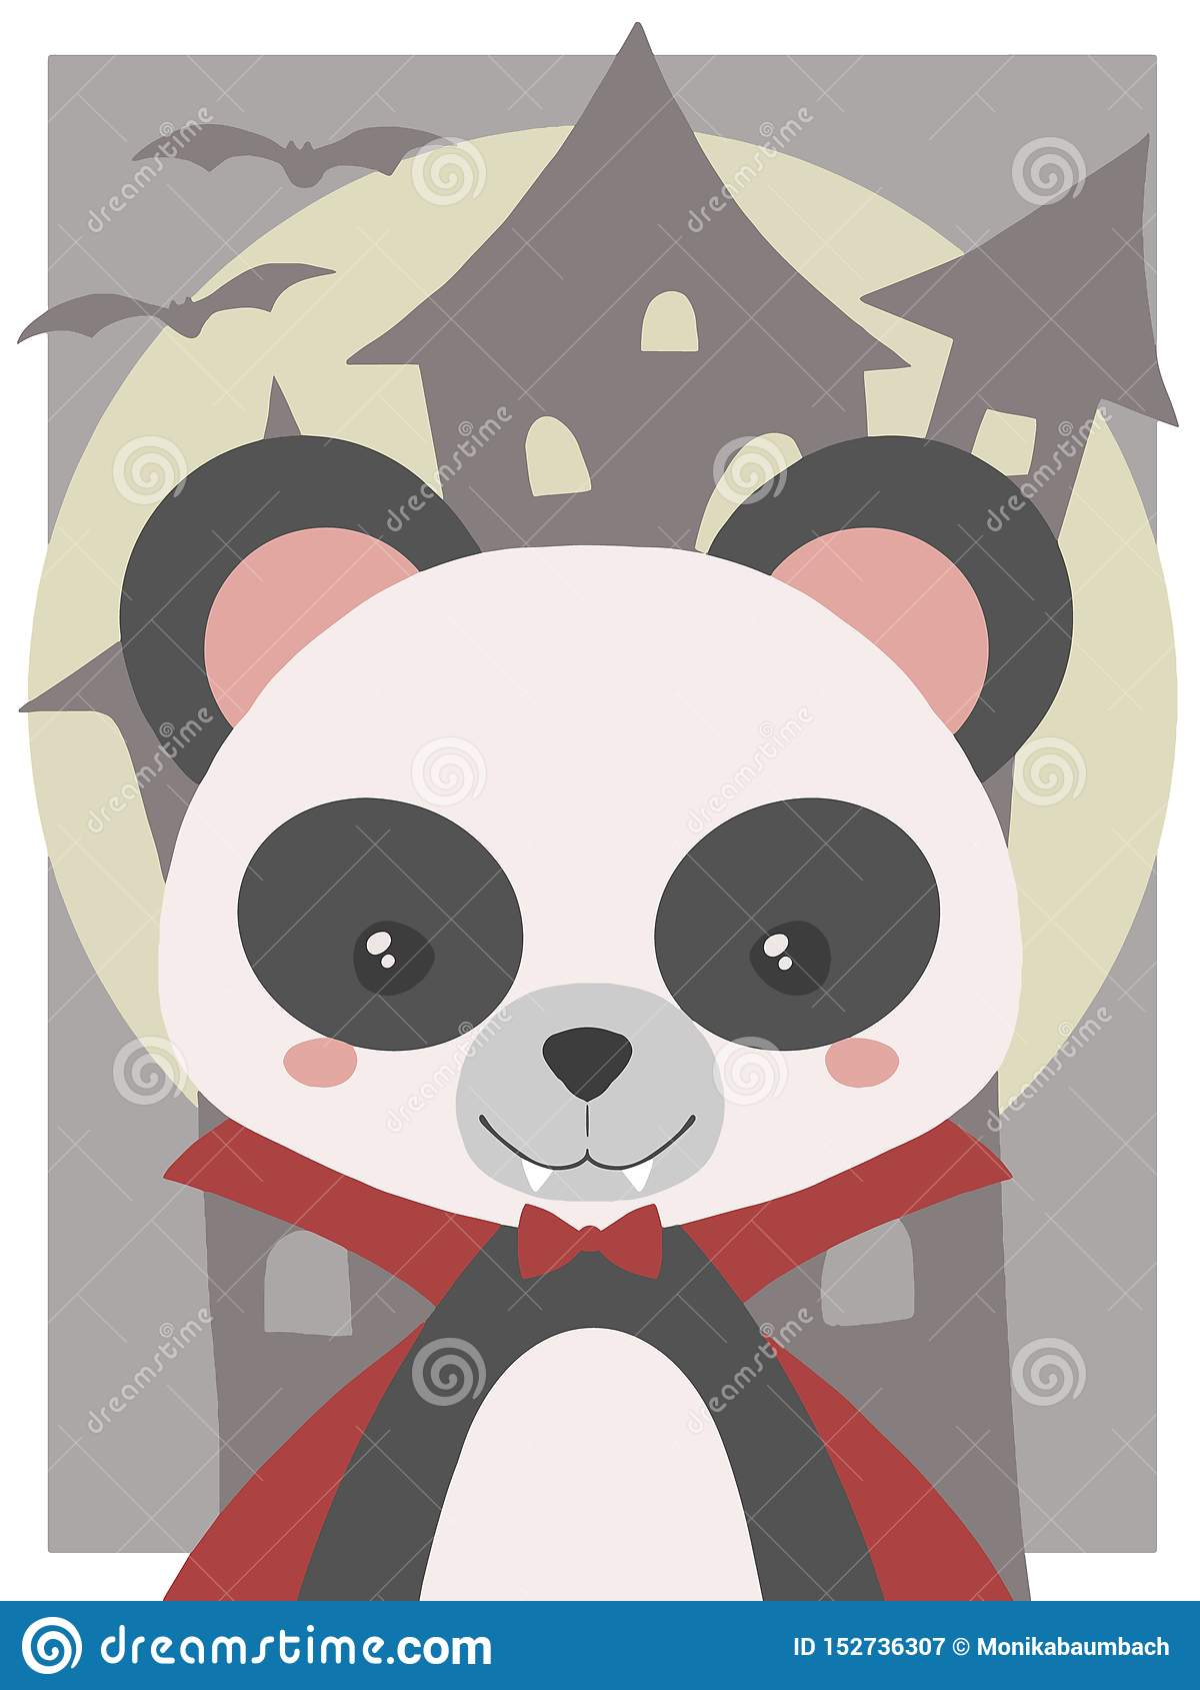 Art mignon de vecteur de Halloween pour les enfants, le panda habillé vers le haut de comme le vampire avec des crocs et le rouge